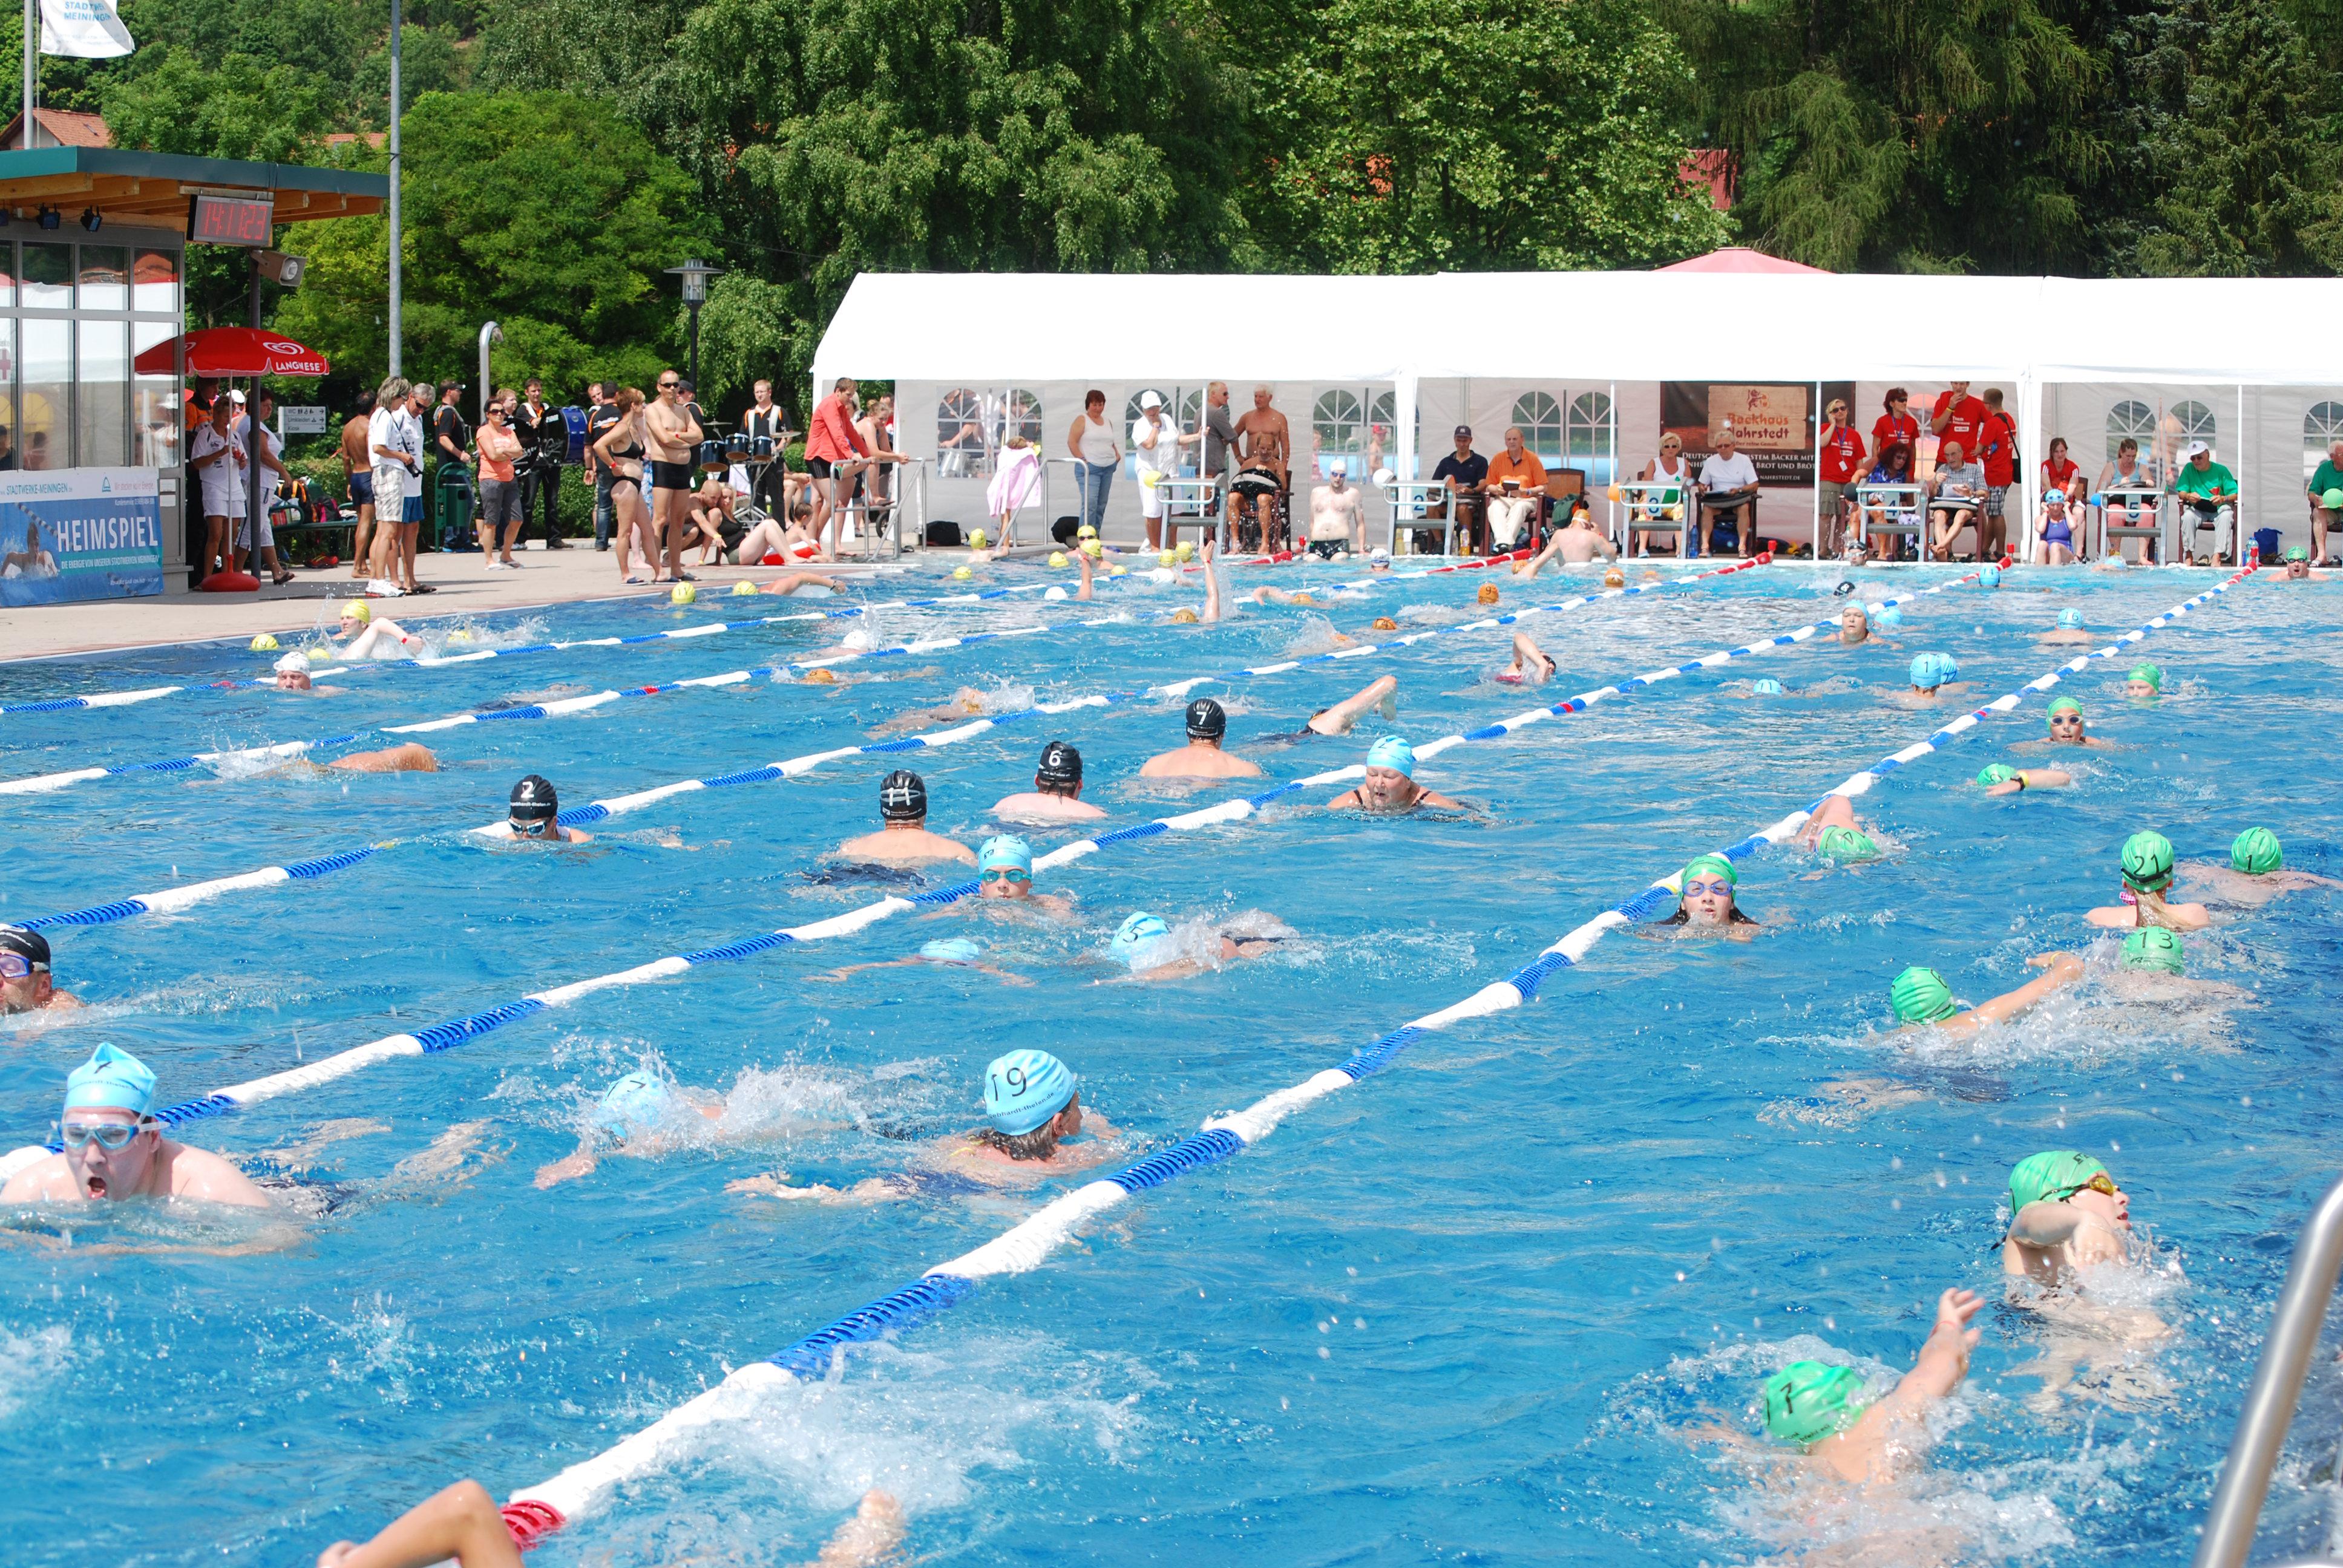 Bild: Meininger 24-Stunden-Schwimmen